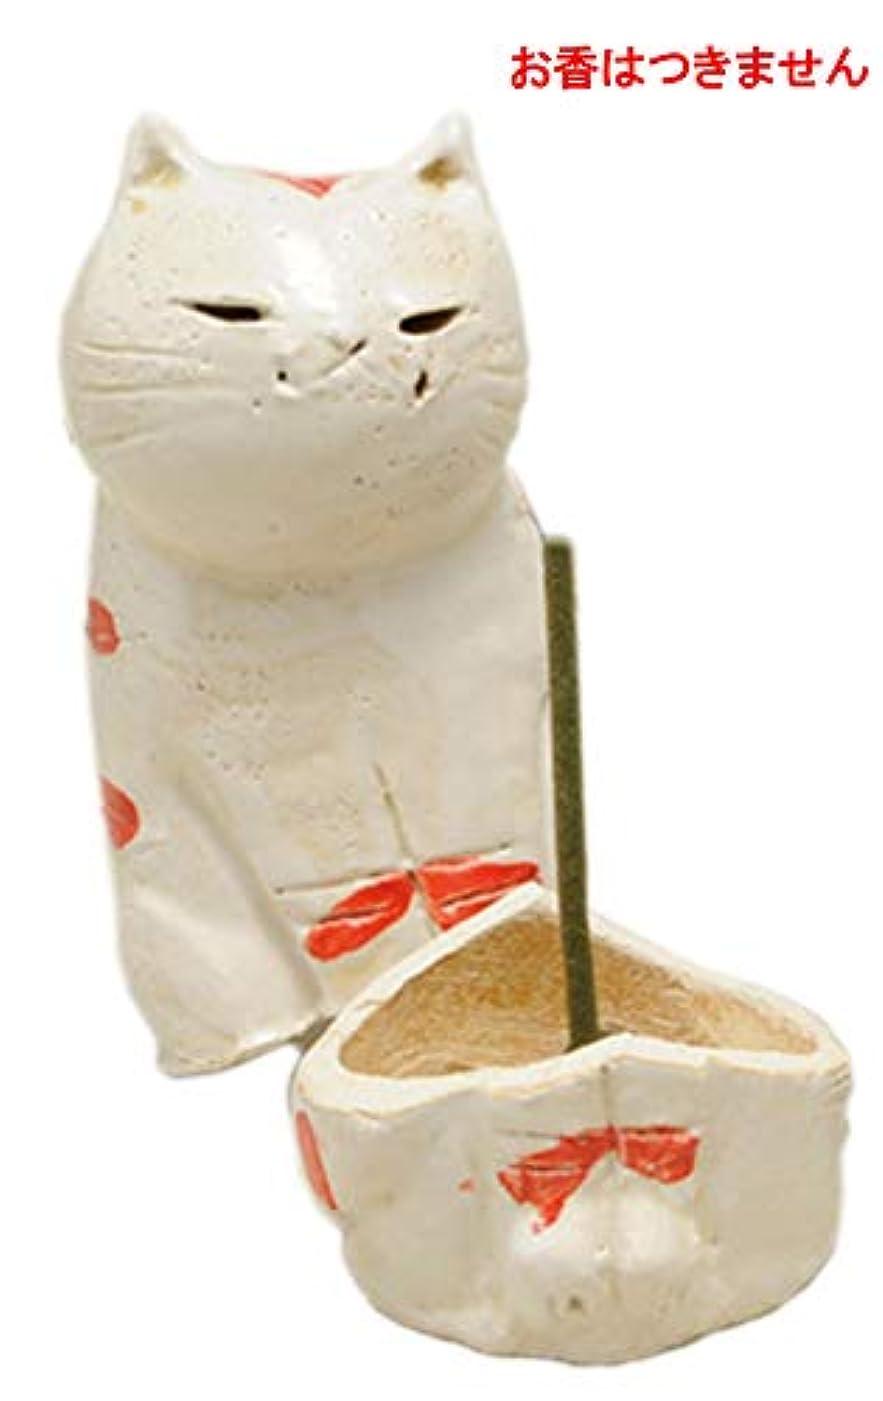 混乱させる書き出すペルー島ねこ 島しま立ちネコ 香炉(大)(赤) [H11cm] HANDMADE プレゼント ギフト 和食器 かわいい インテリア